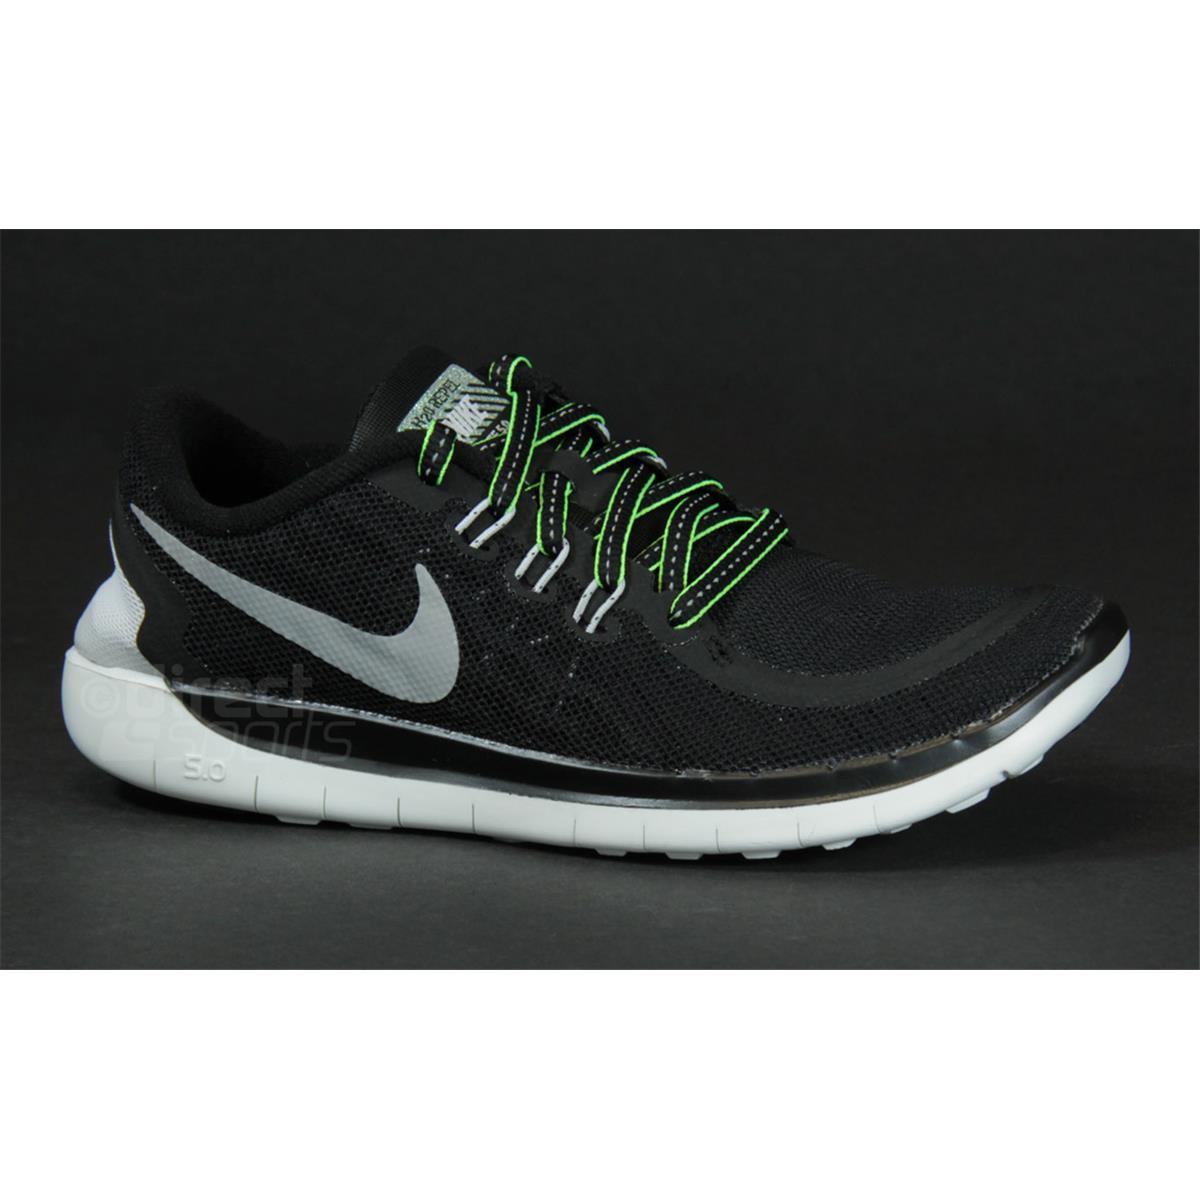 Nike Free 5.0 Junior Review